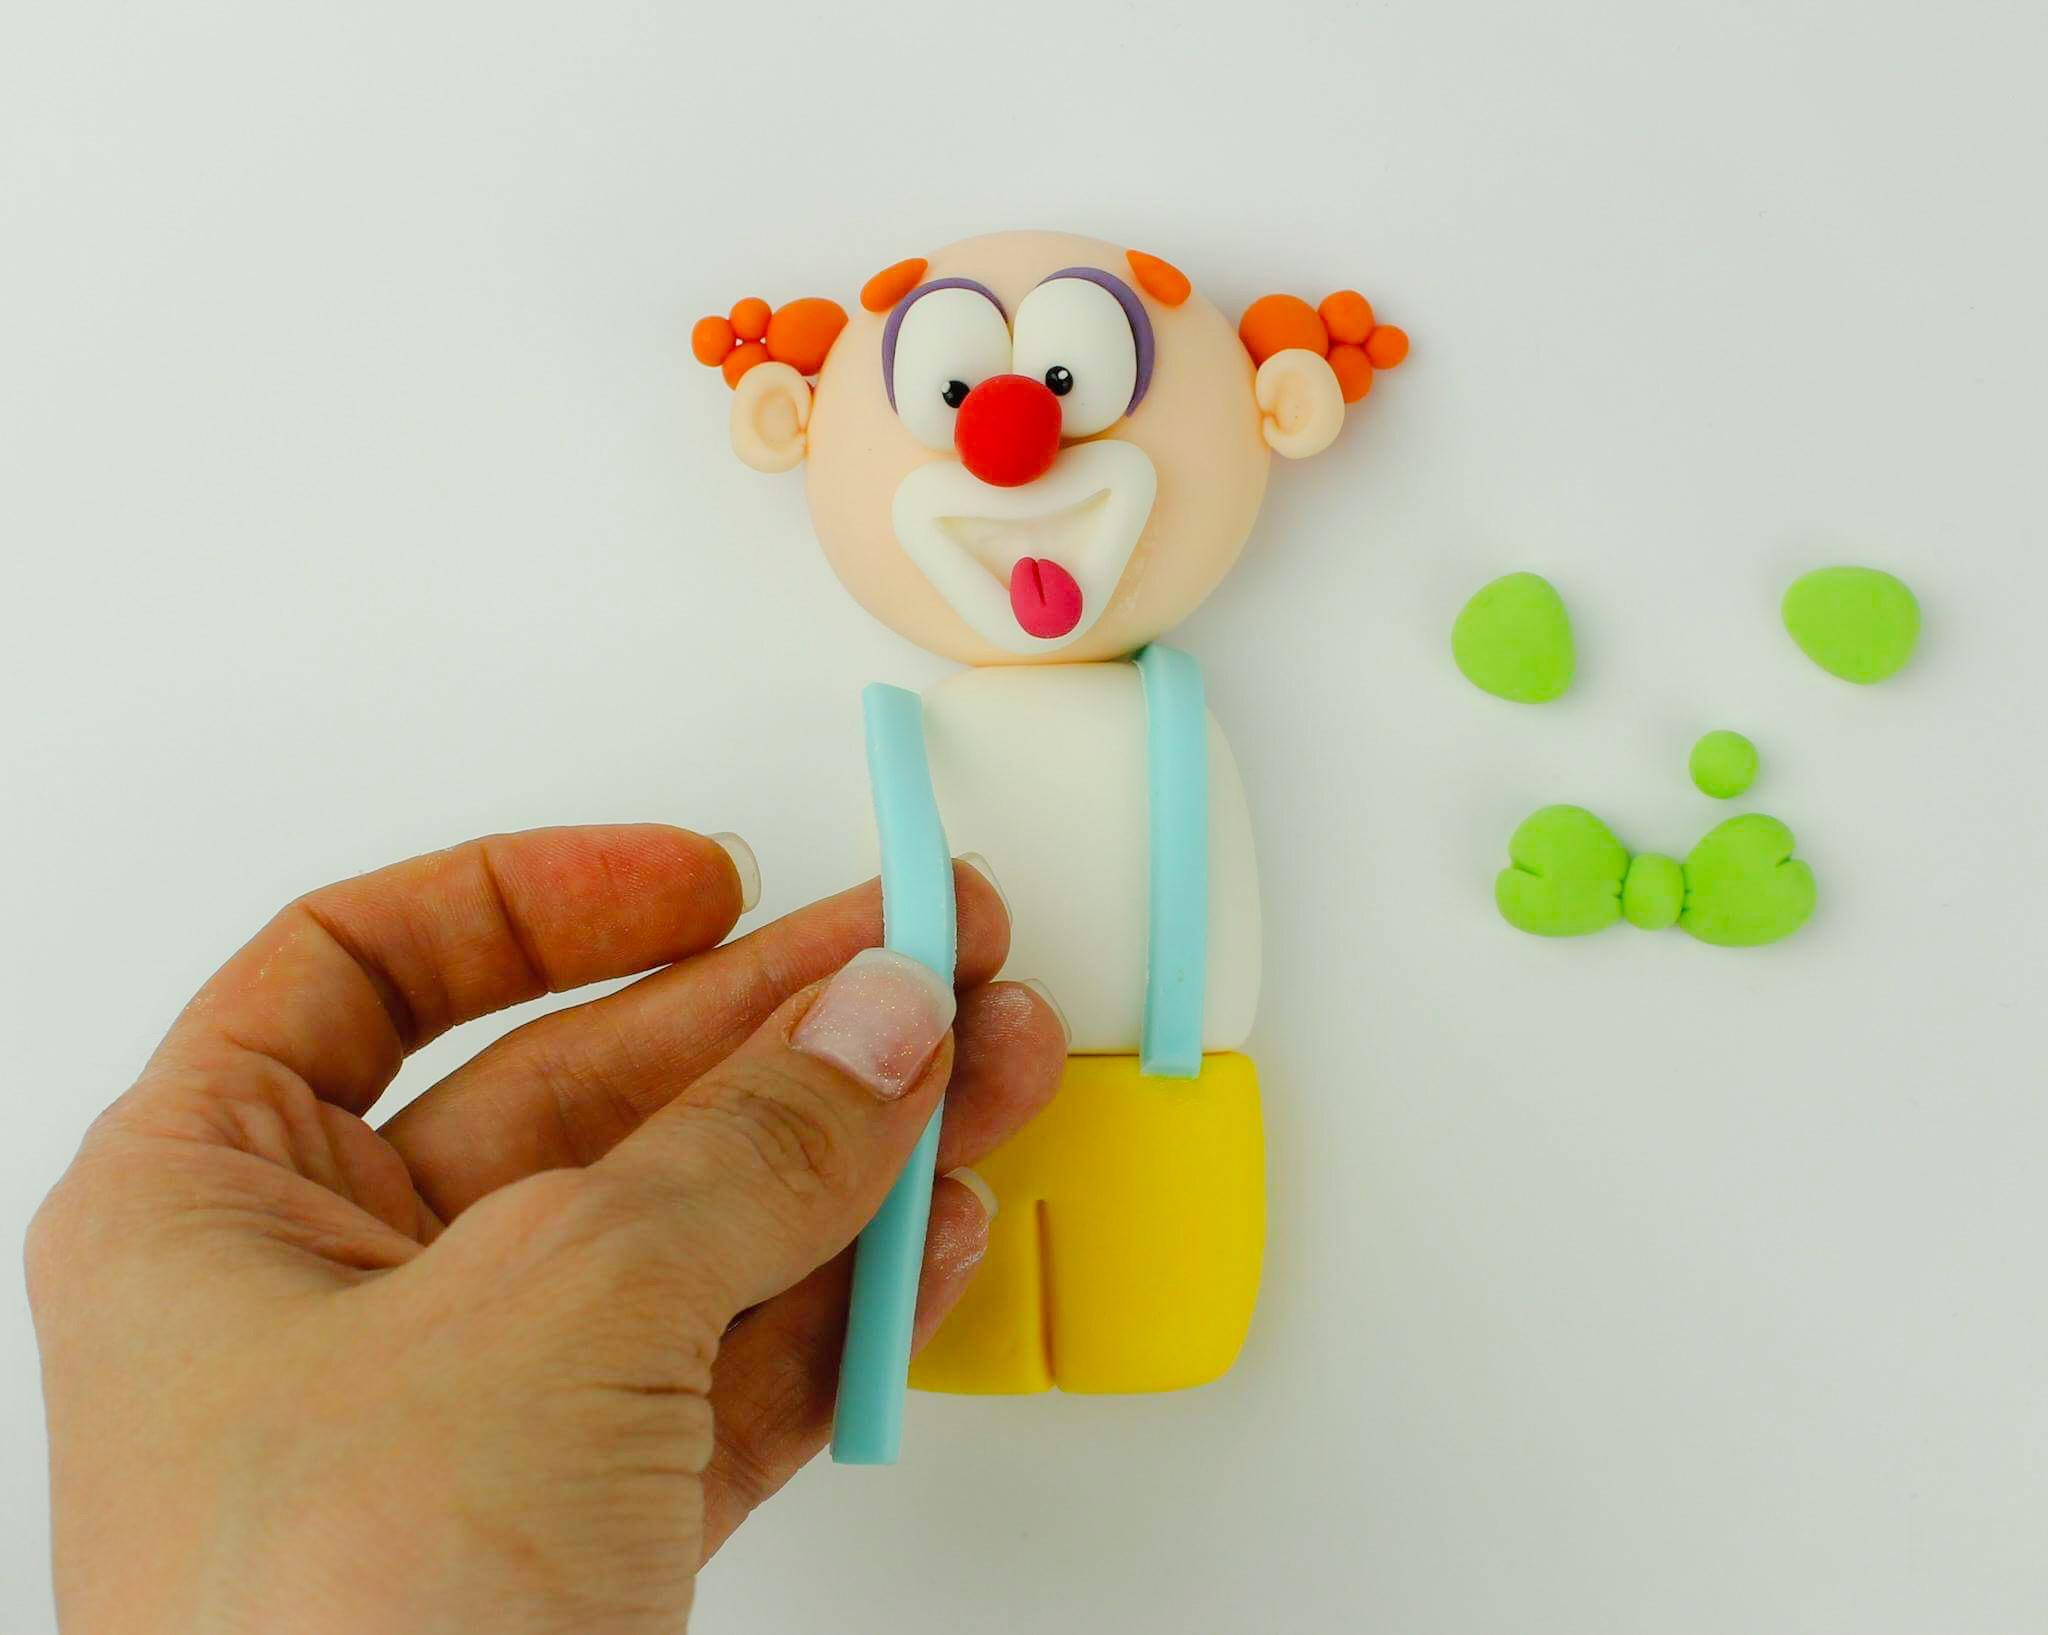 clown-14.JPG#asset:19566